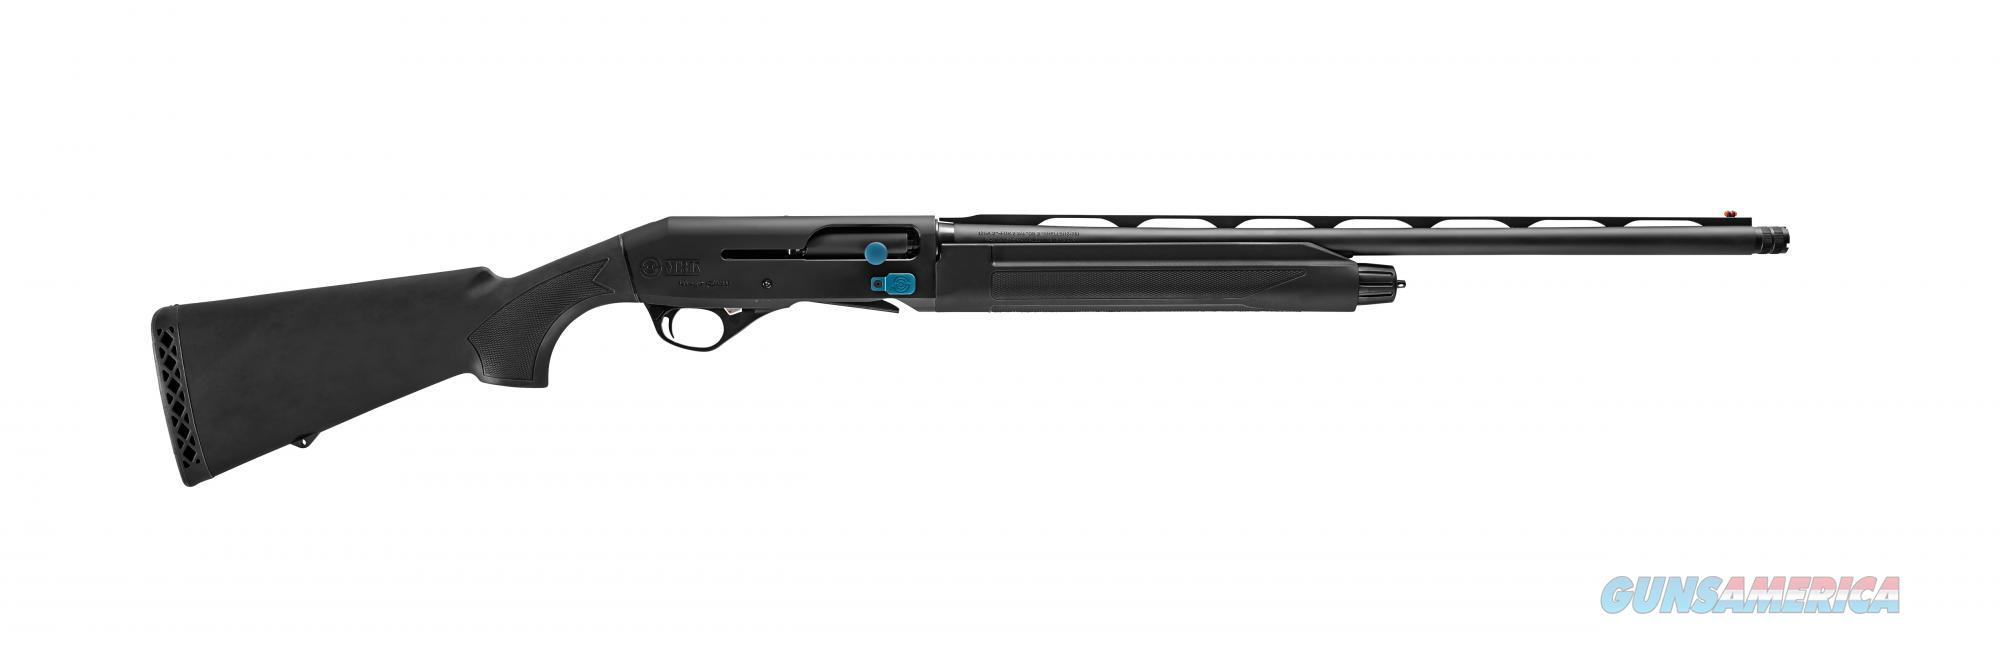 Stoeger M3K (31855)  Guns > Shotguns > Stoeger Shotguns